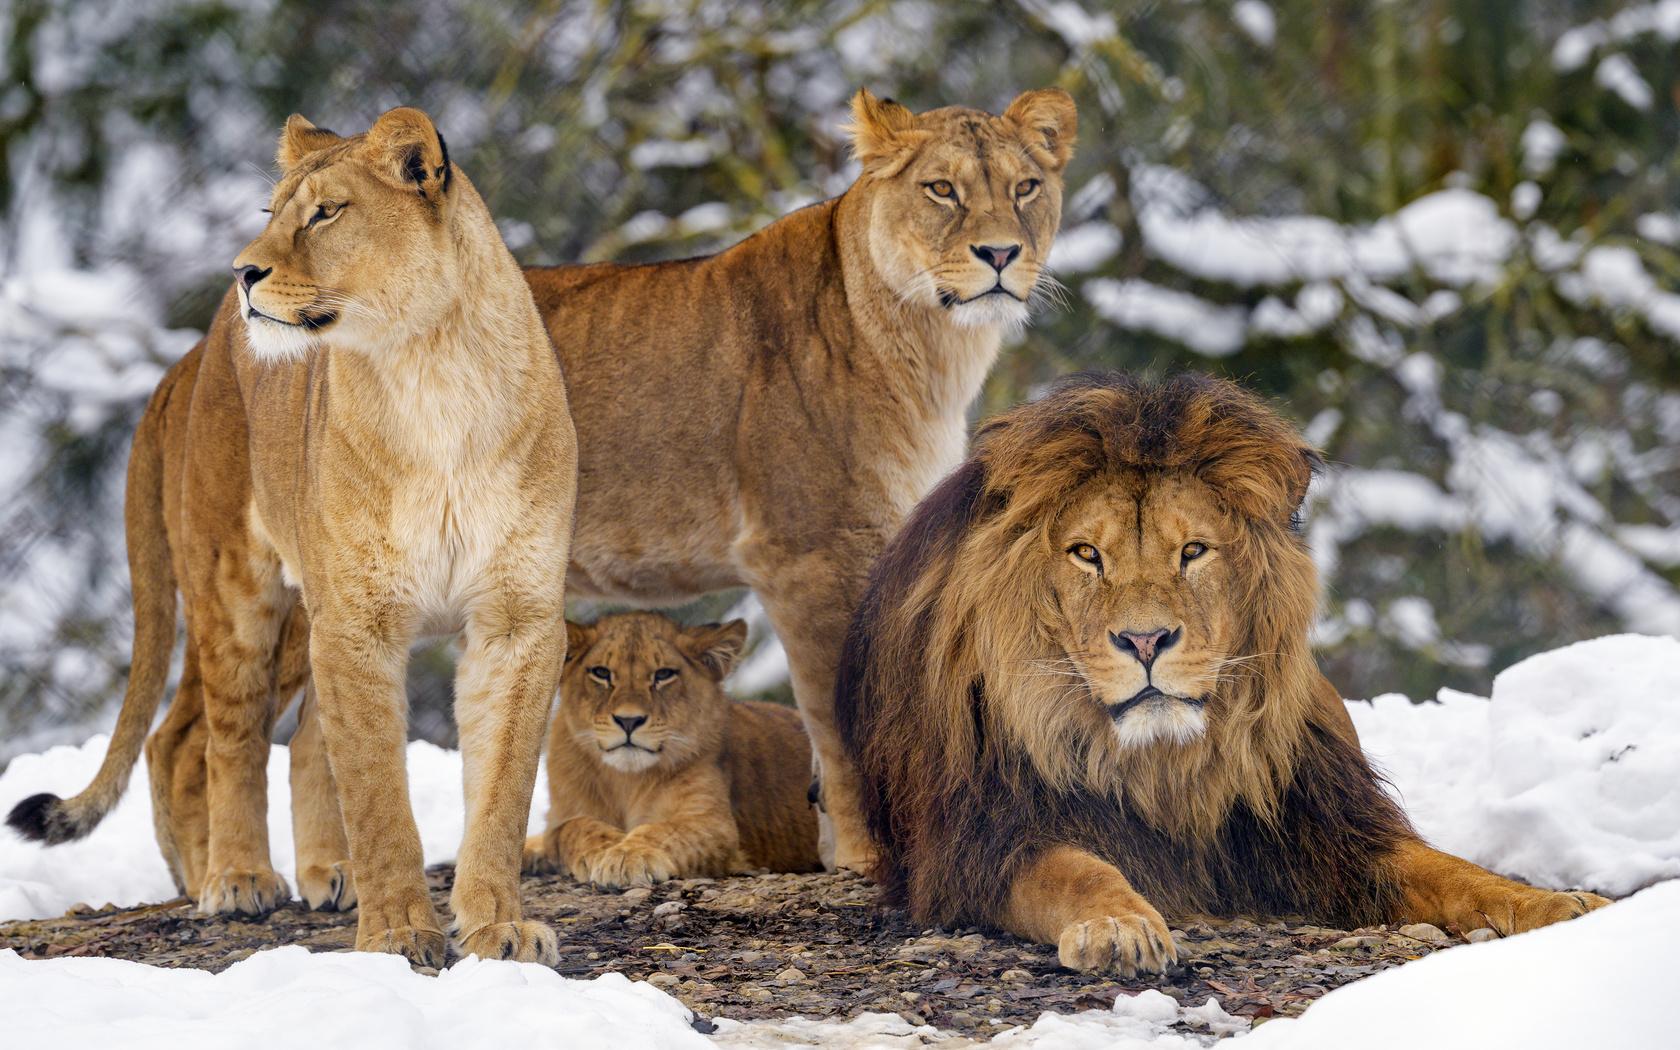 львы, животные, хищники, коричневый, дикая природа